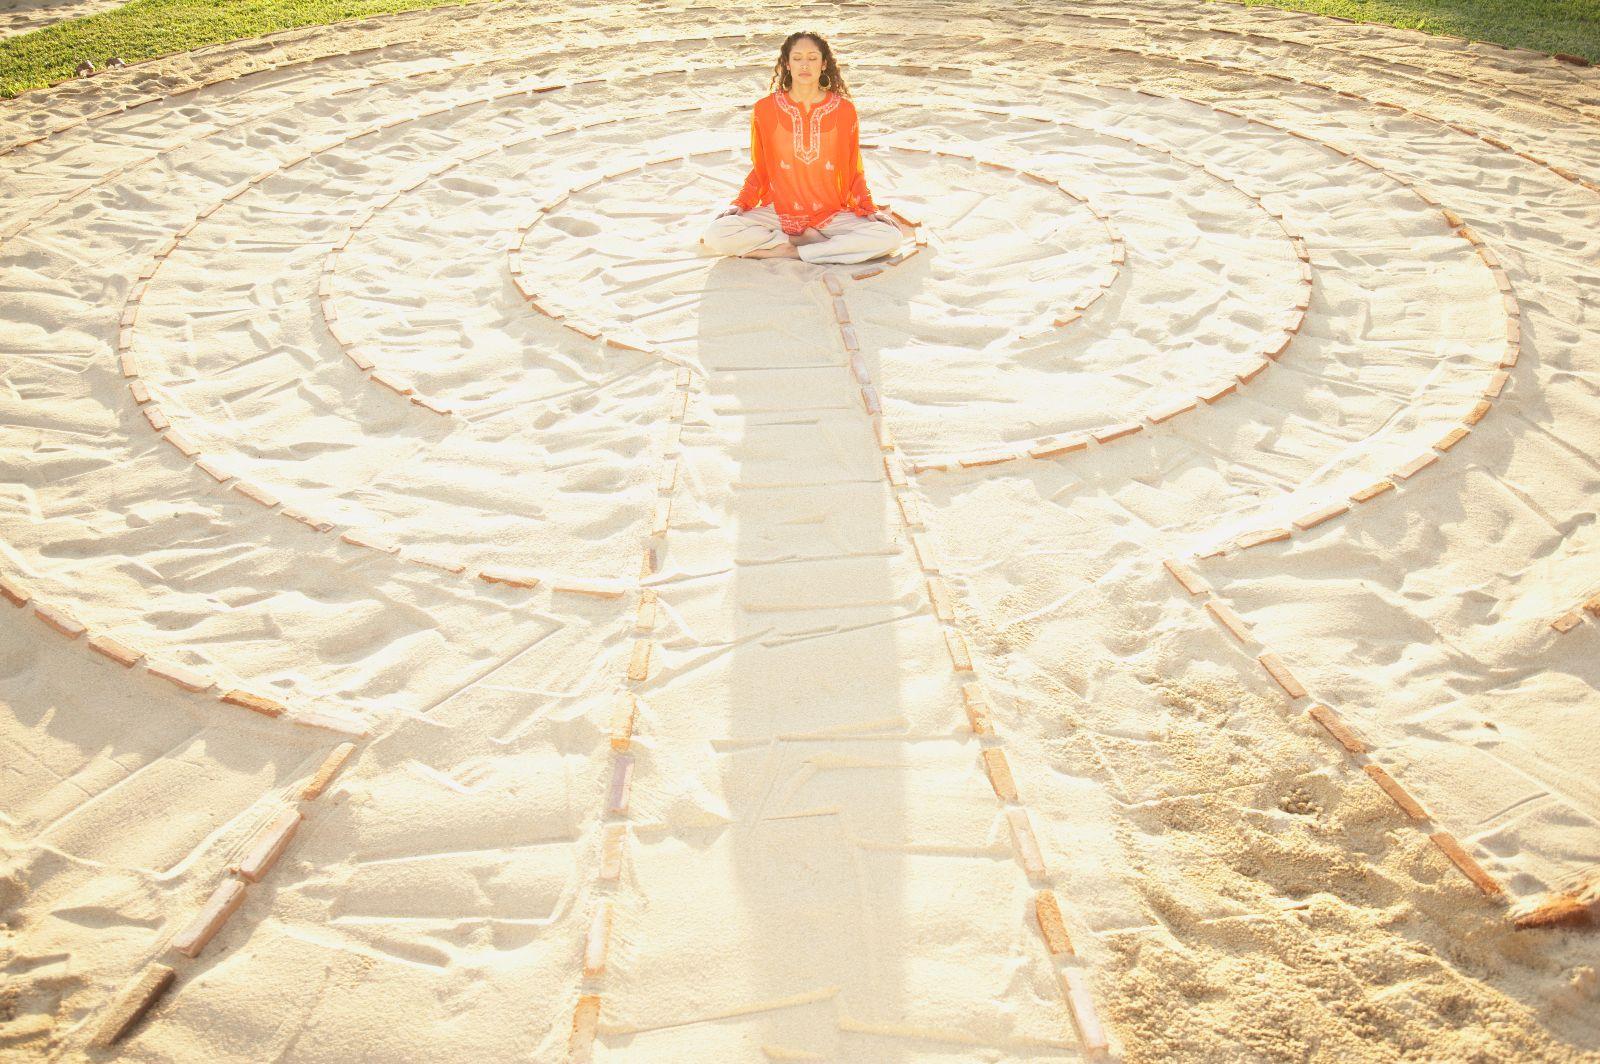 Mujer sentada en medio de en un laberinto ibujado en la arena